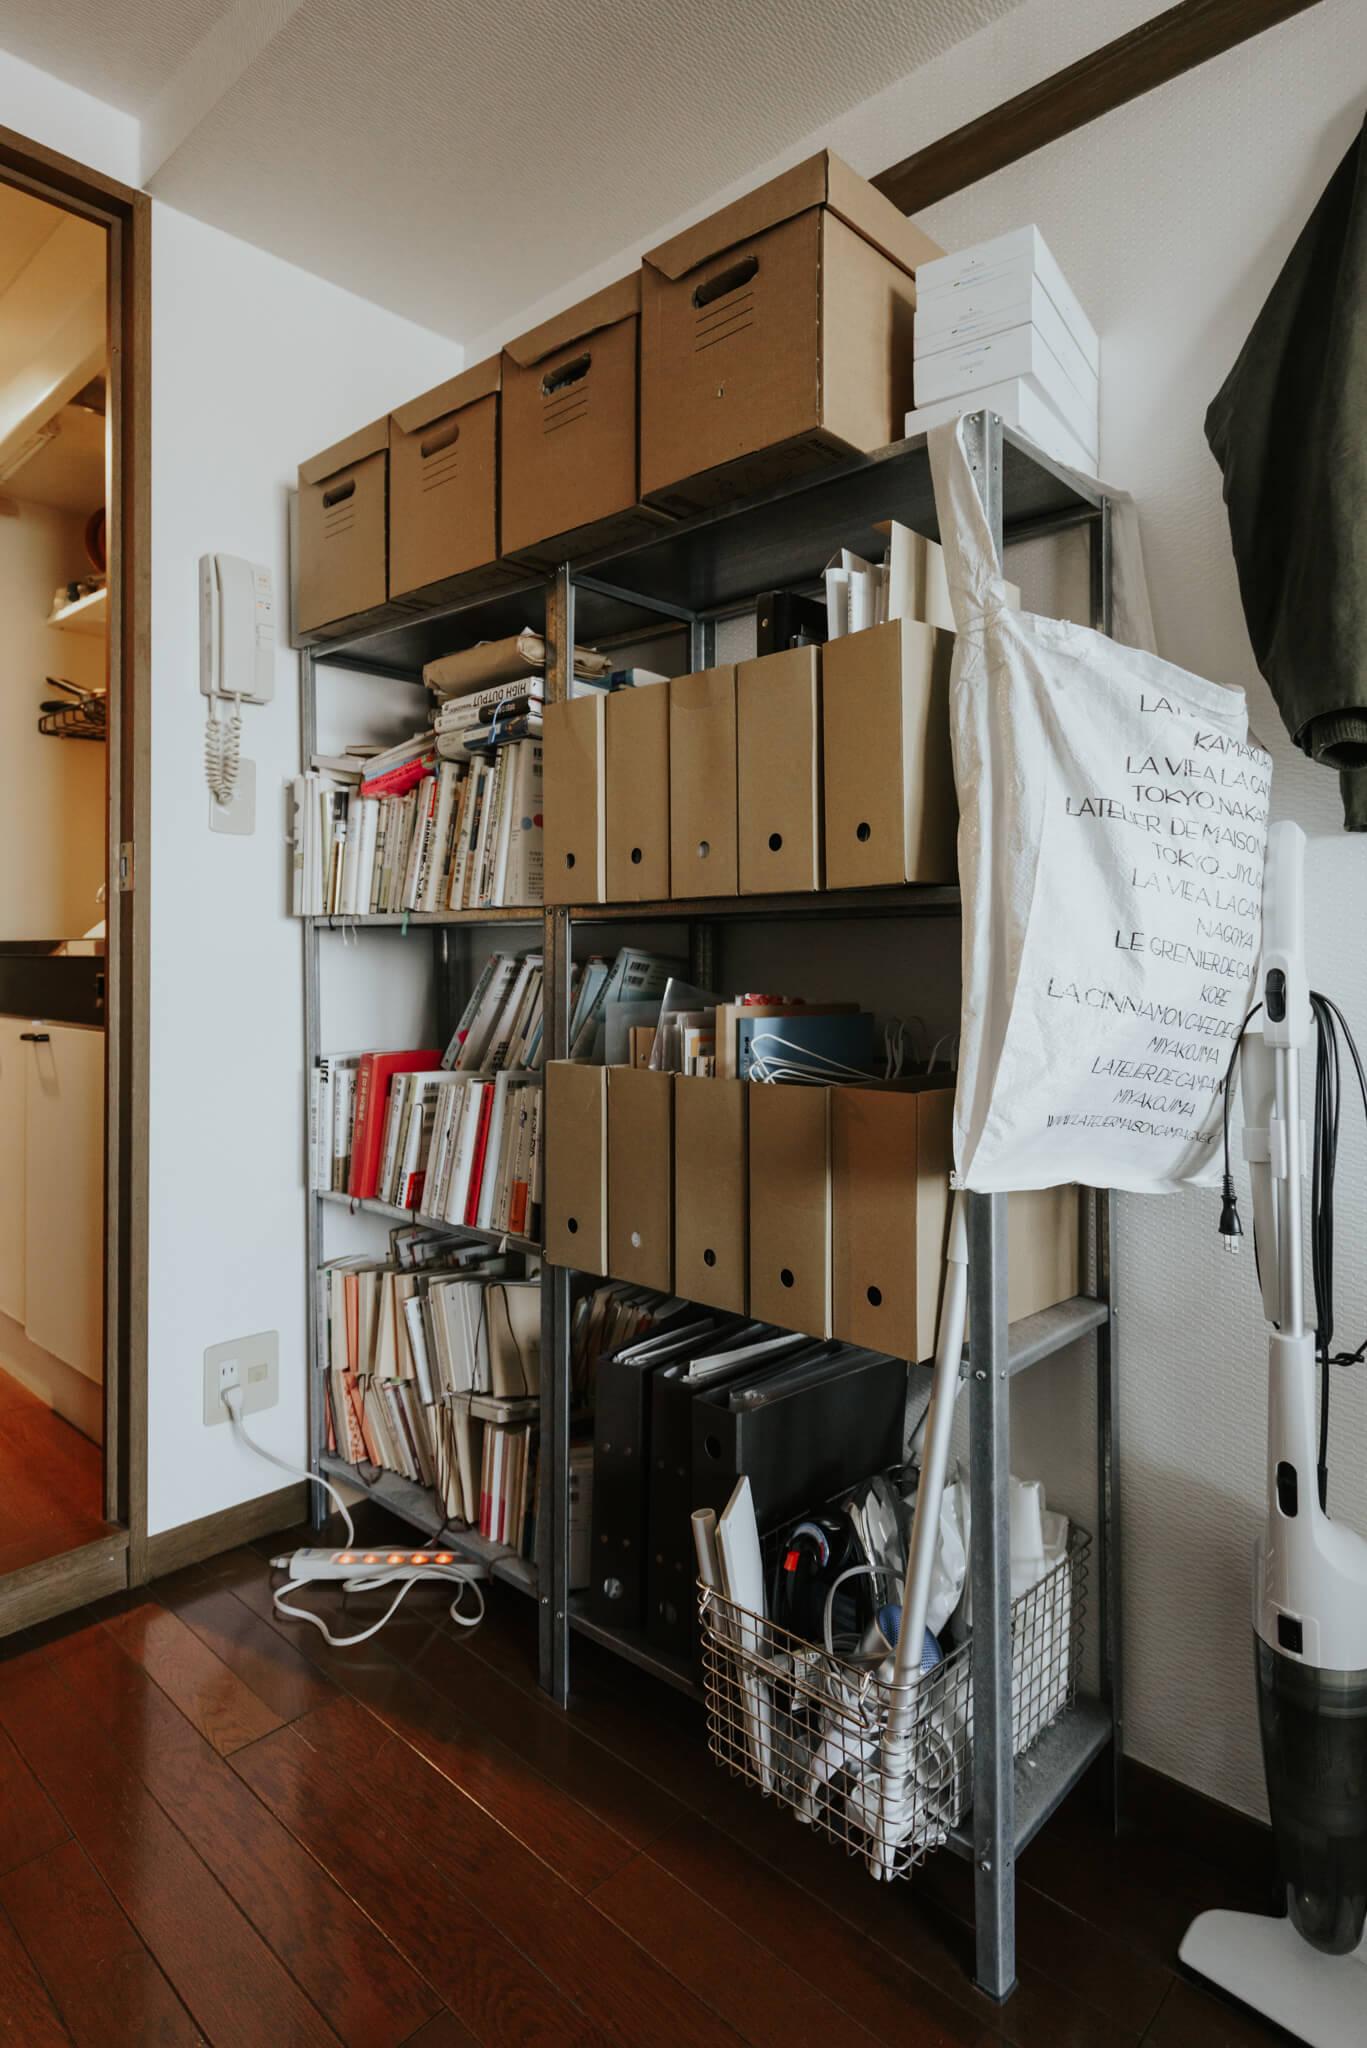 こちらのラックでは、上段には大きめの箱を、右側に書類関係などの仕切りを、左側は書籍、などとざっくり区切って整理しています。ざっくりと決めることで、リバウンドもなくなり、精神的な負担も減るはずです。